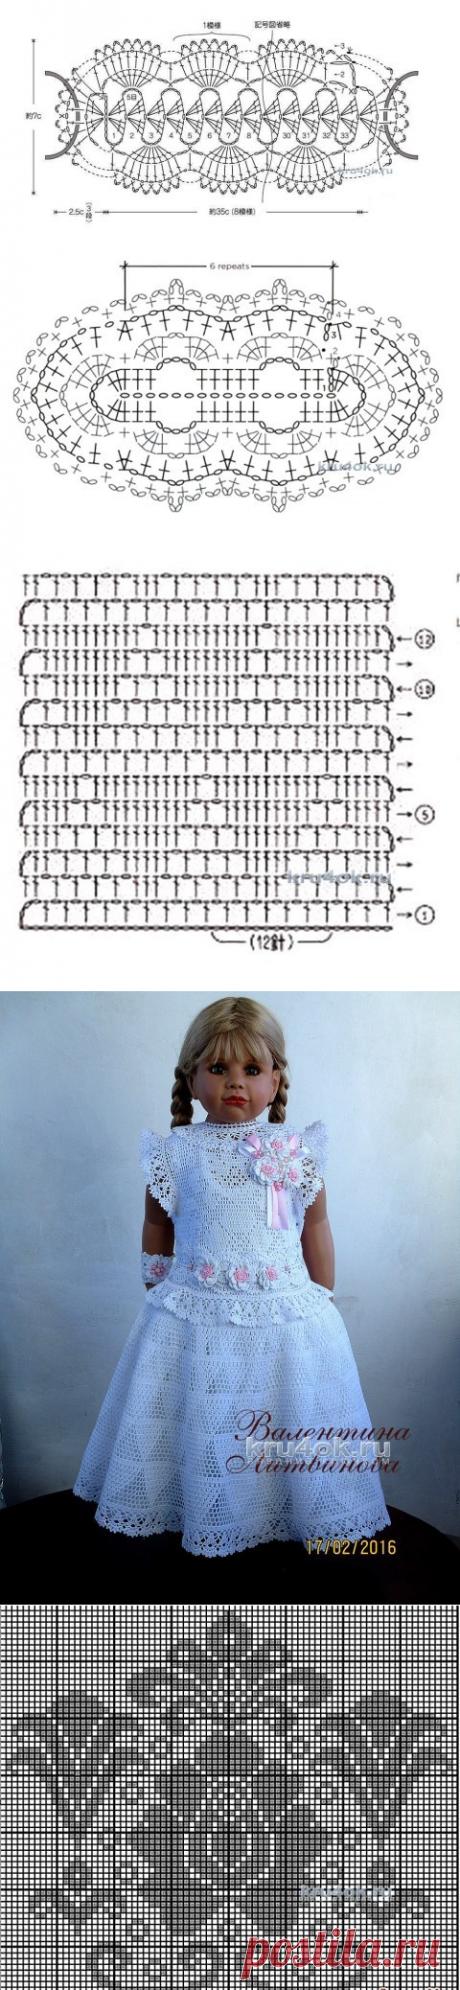 Платье Принцесса, филейное вязание. Работа Валентины Литвиновой